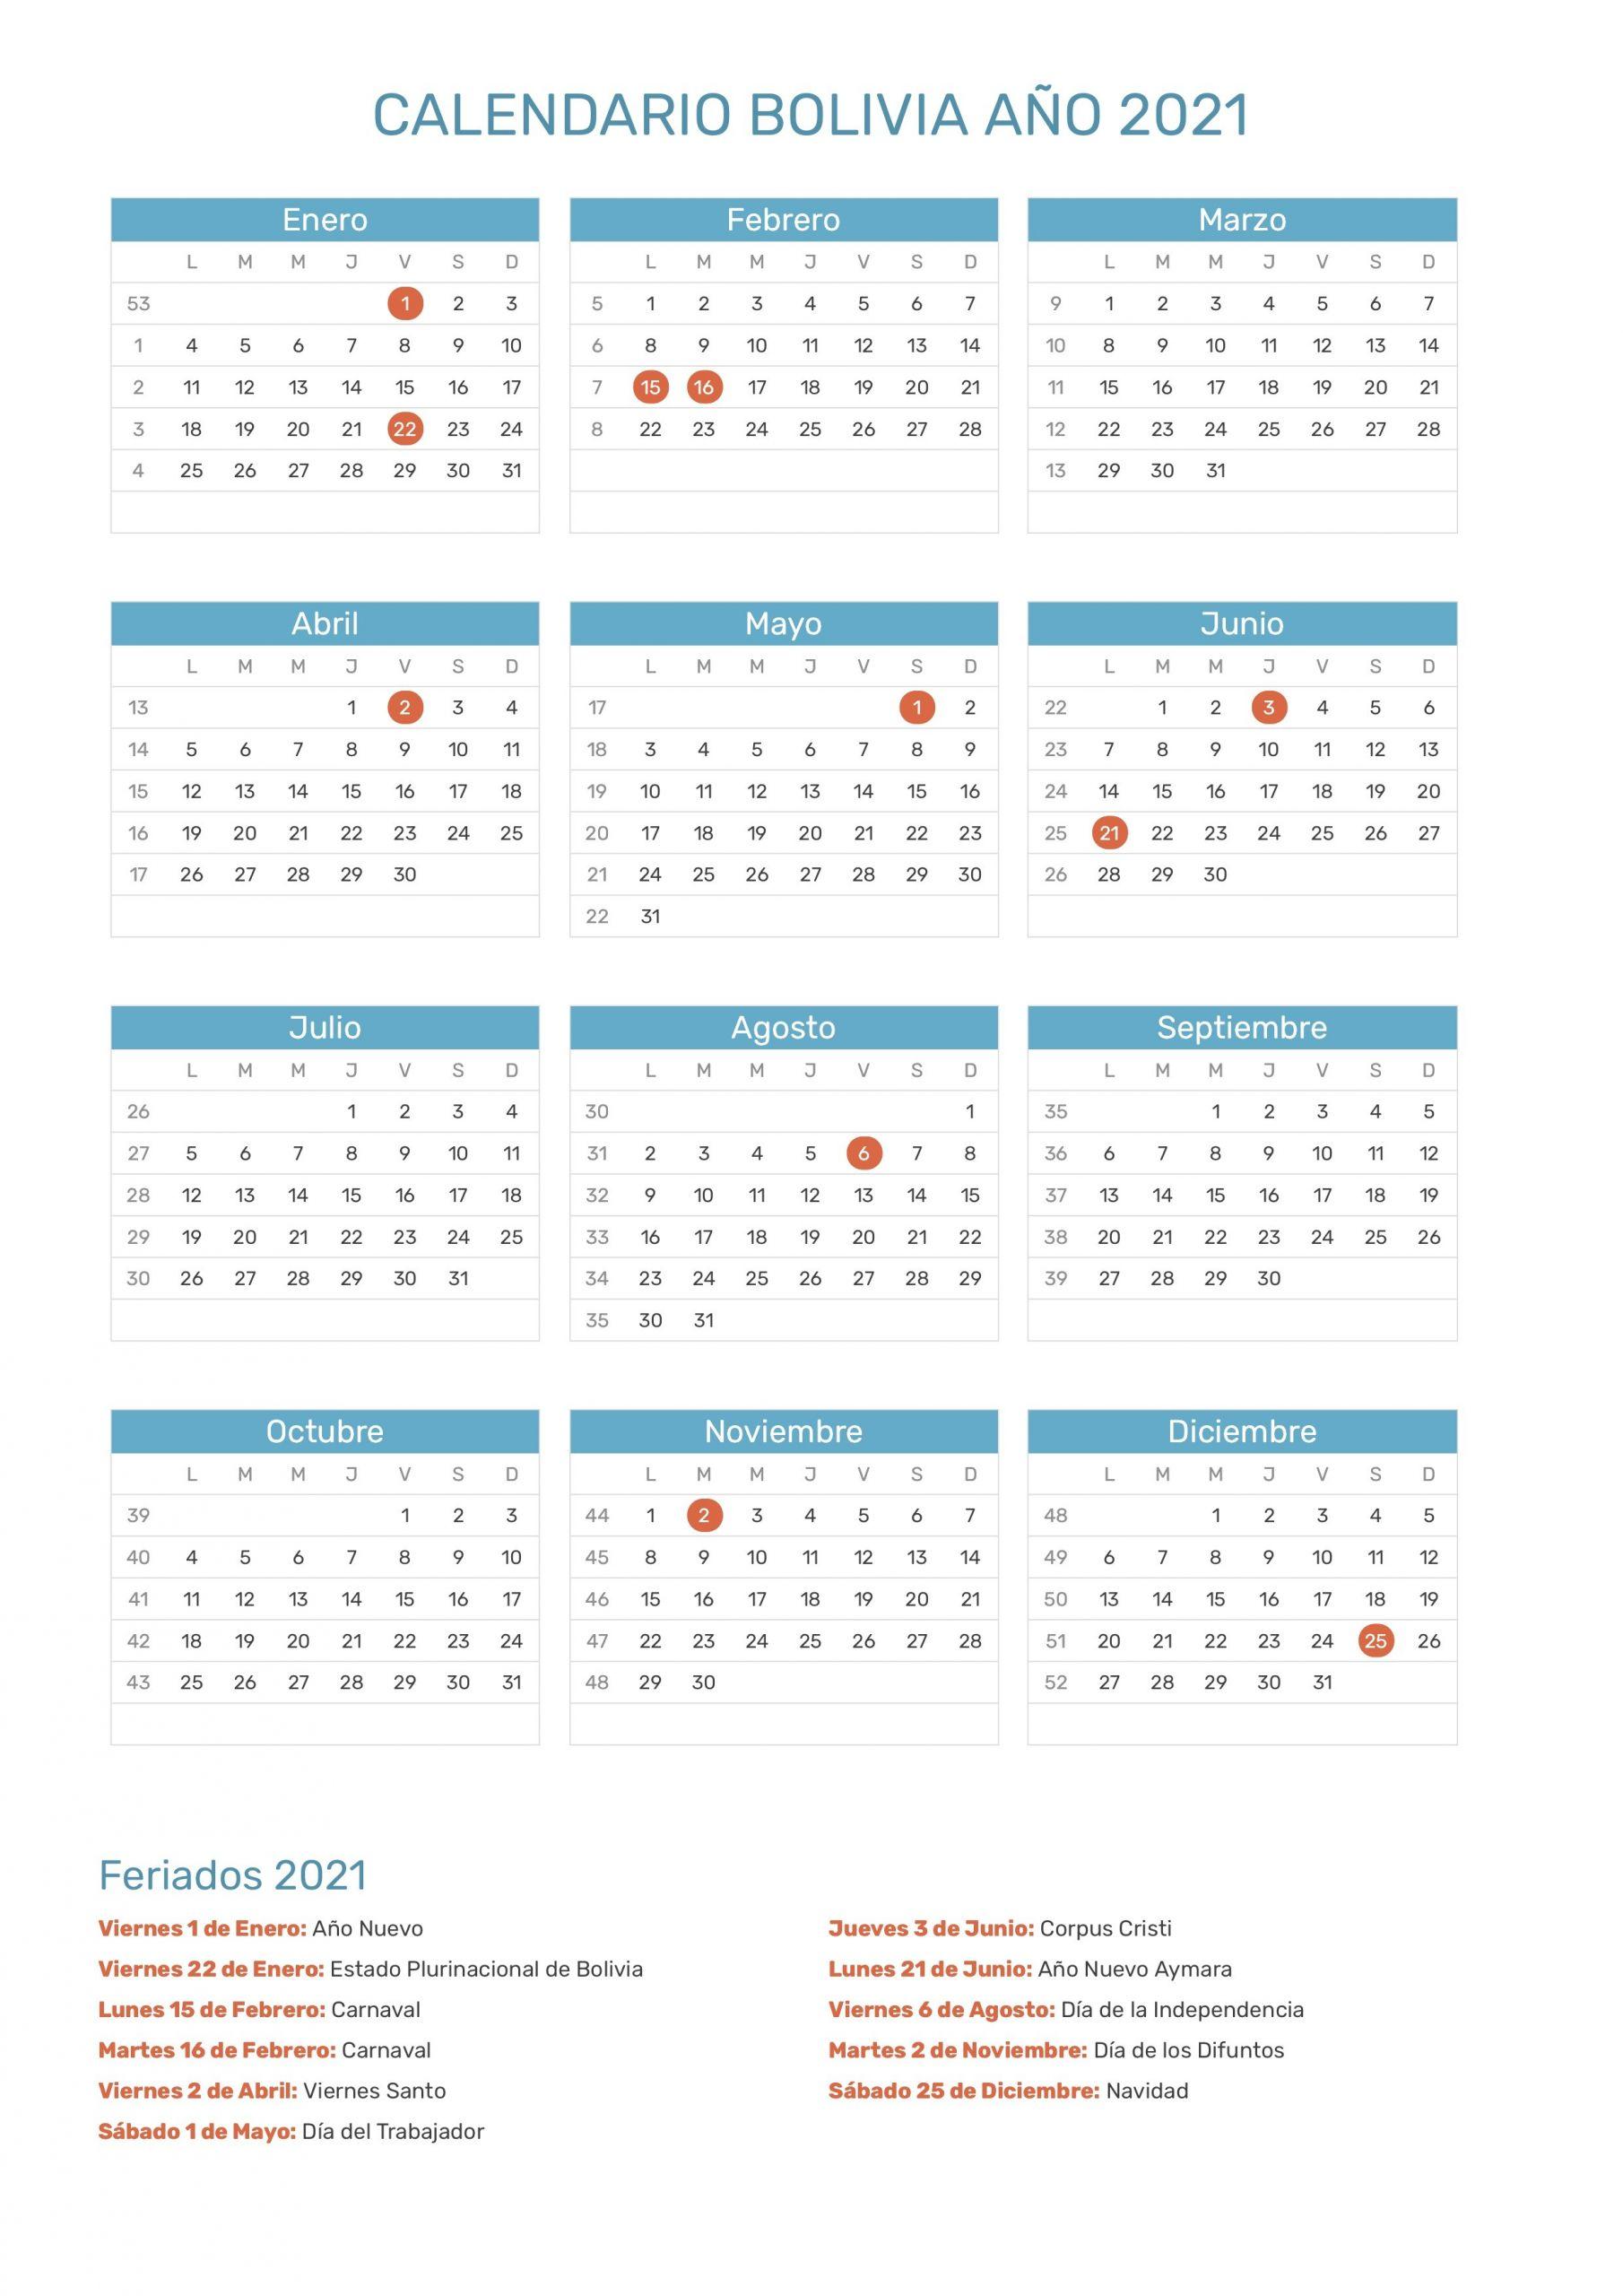 calendario bolivia 2021